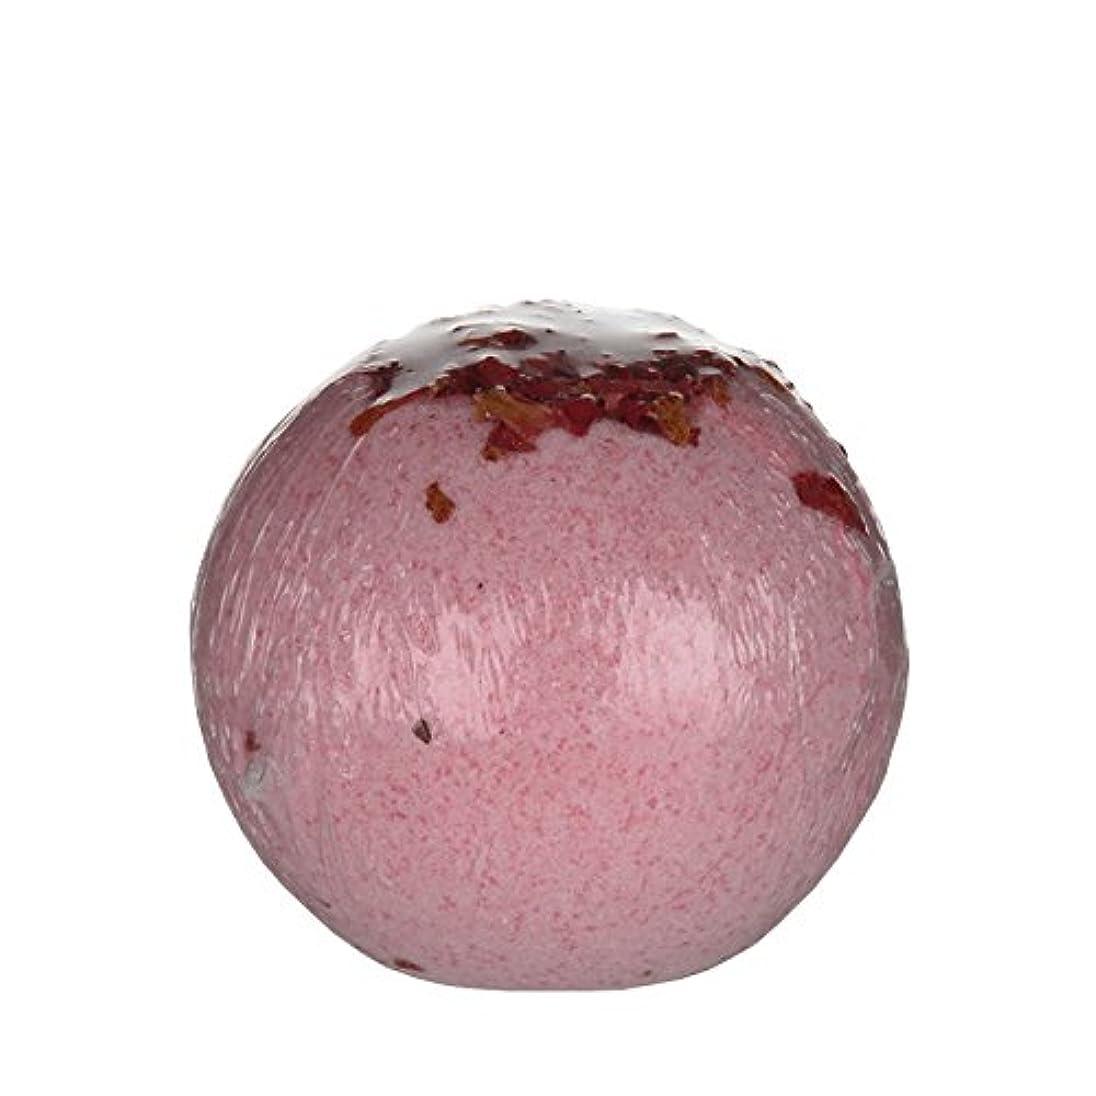 発掘トレード弓Treetsバスボールラベンダーの愛の170グラム - Treets Bath Ball Lavender Love 170g (Treets) [並行輸入品]